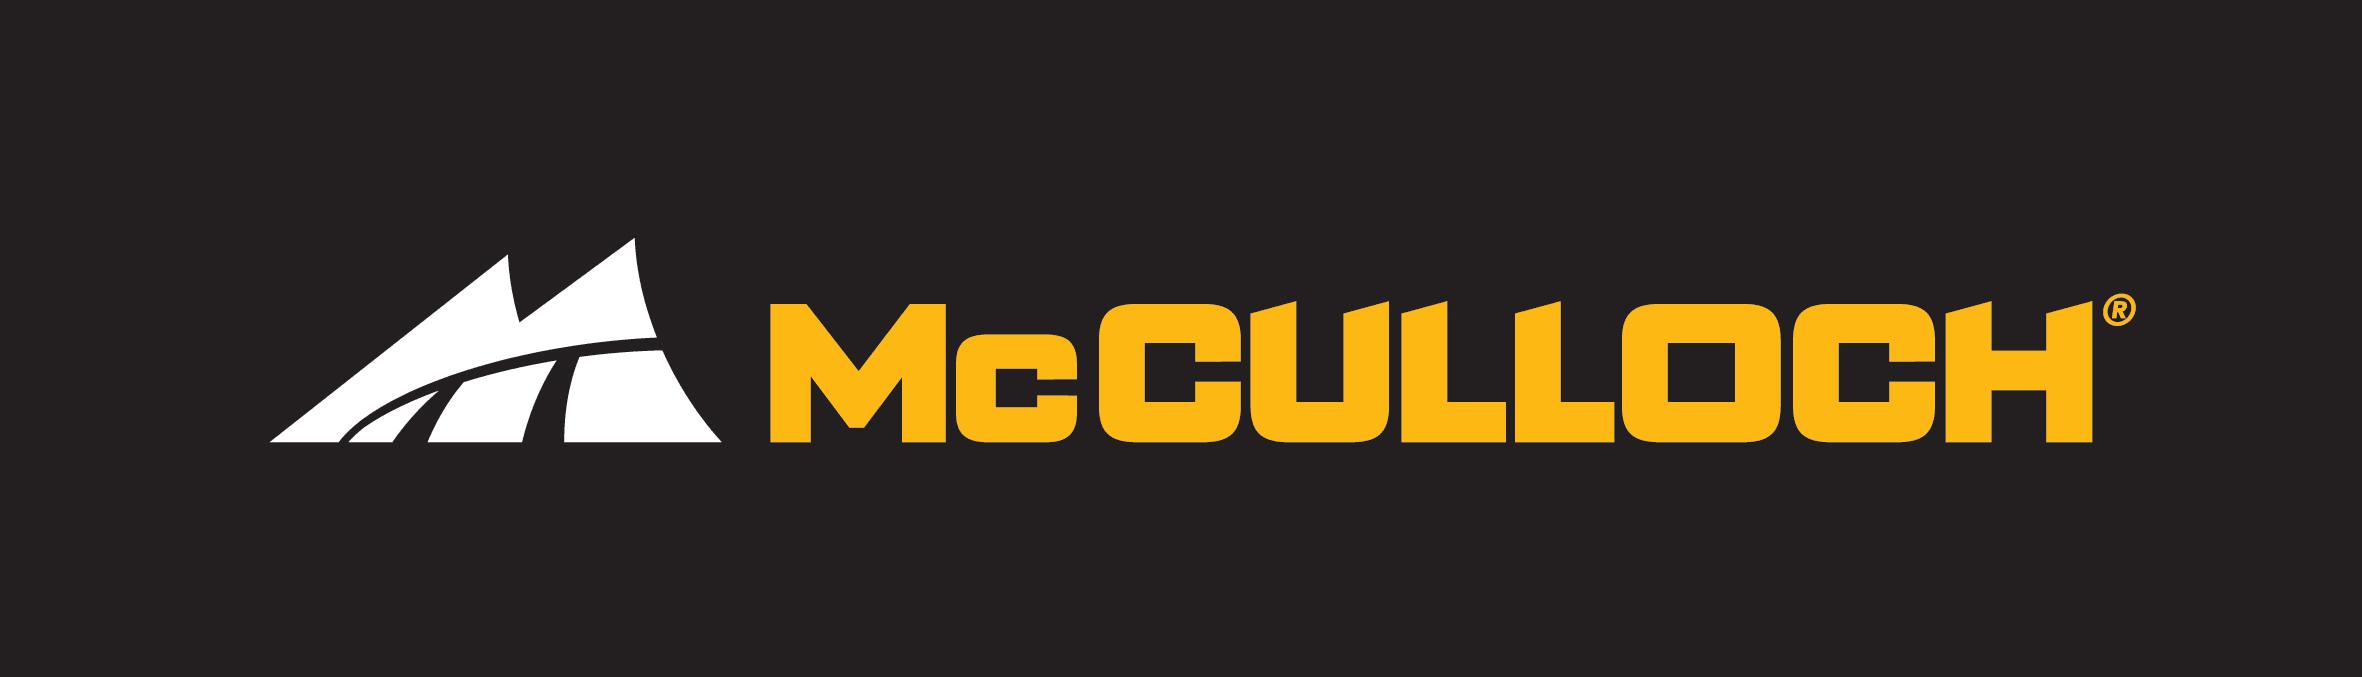 MC_Mc Culloch